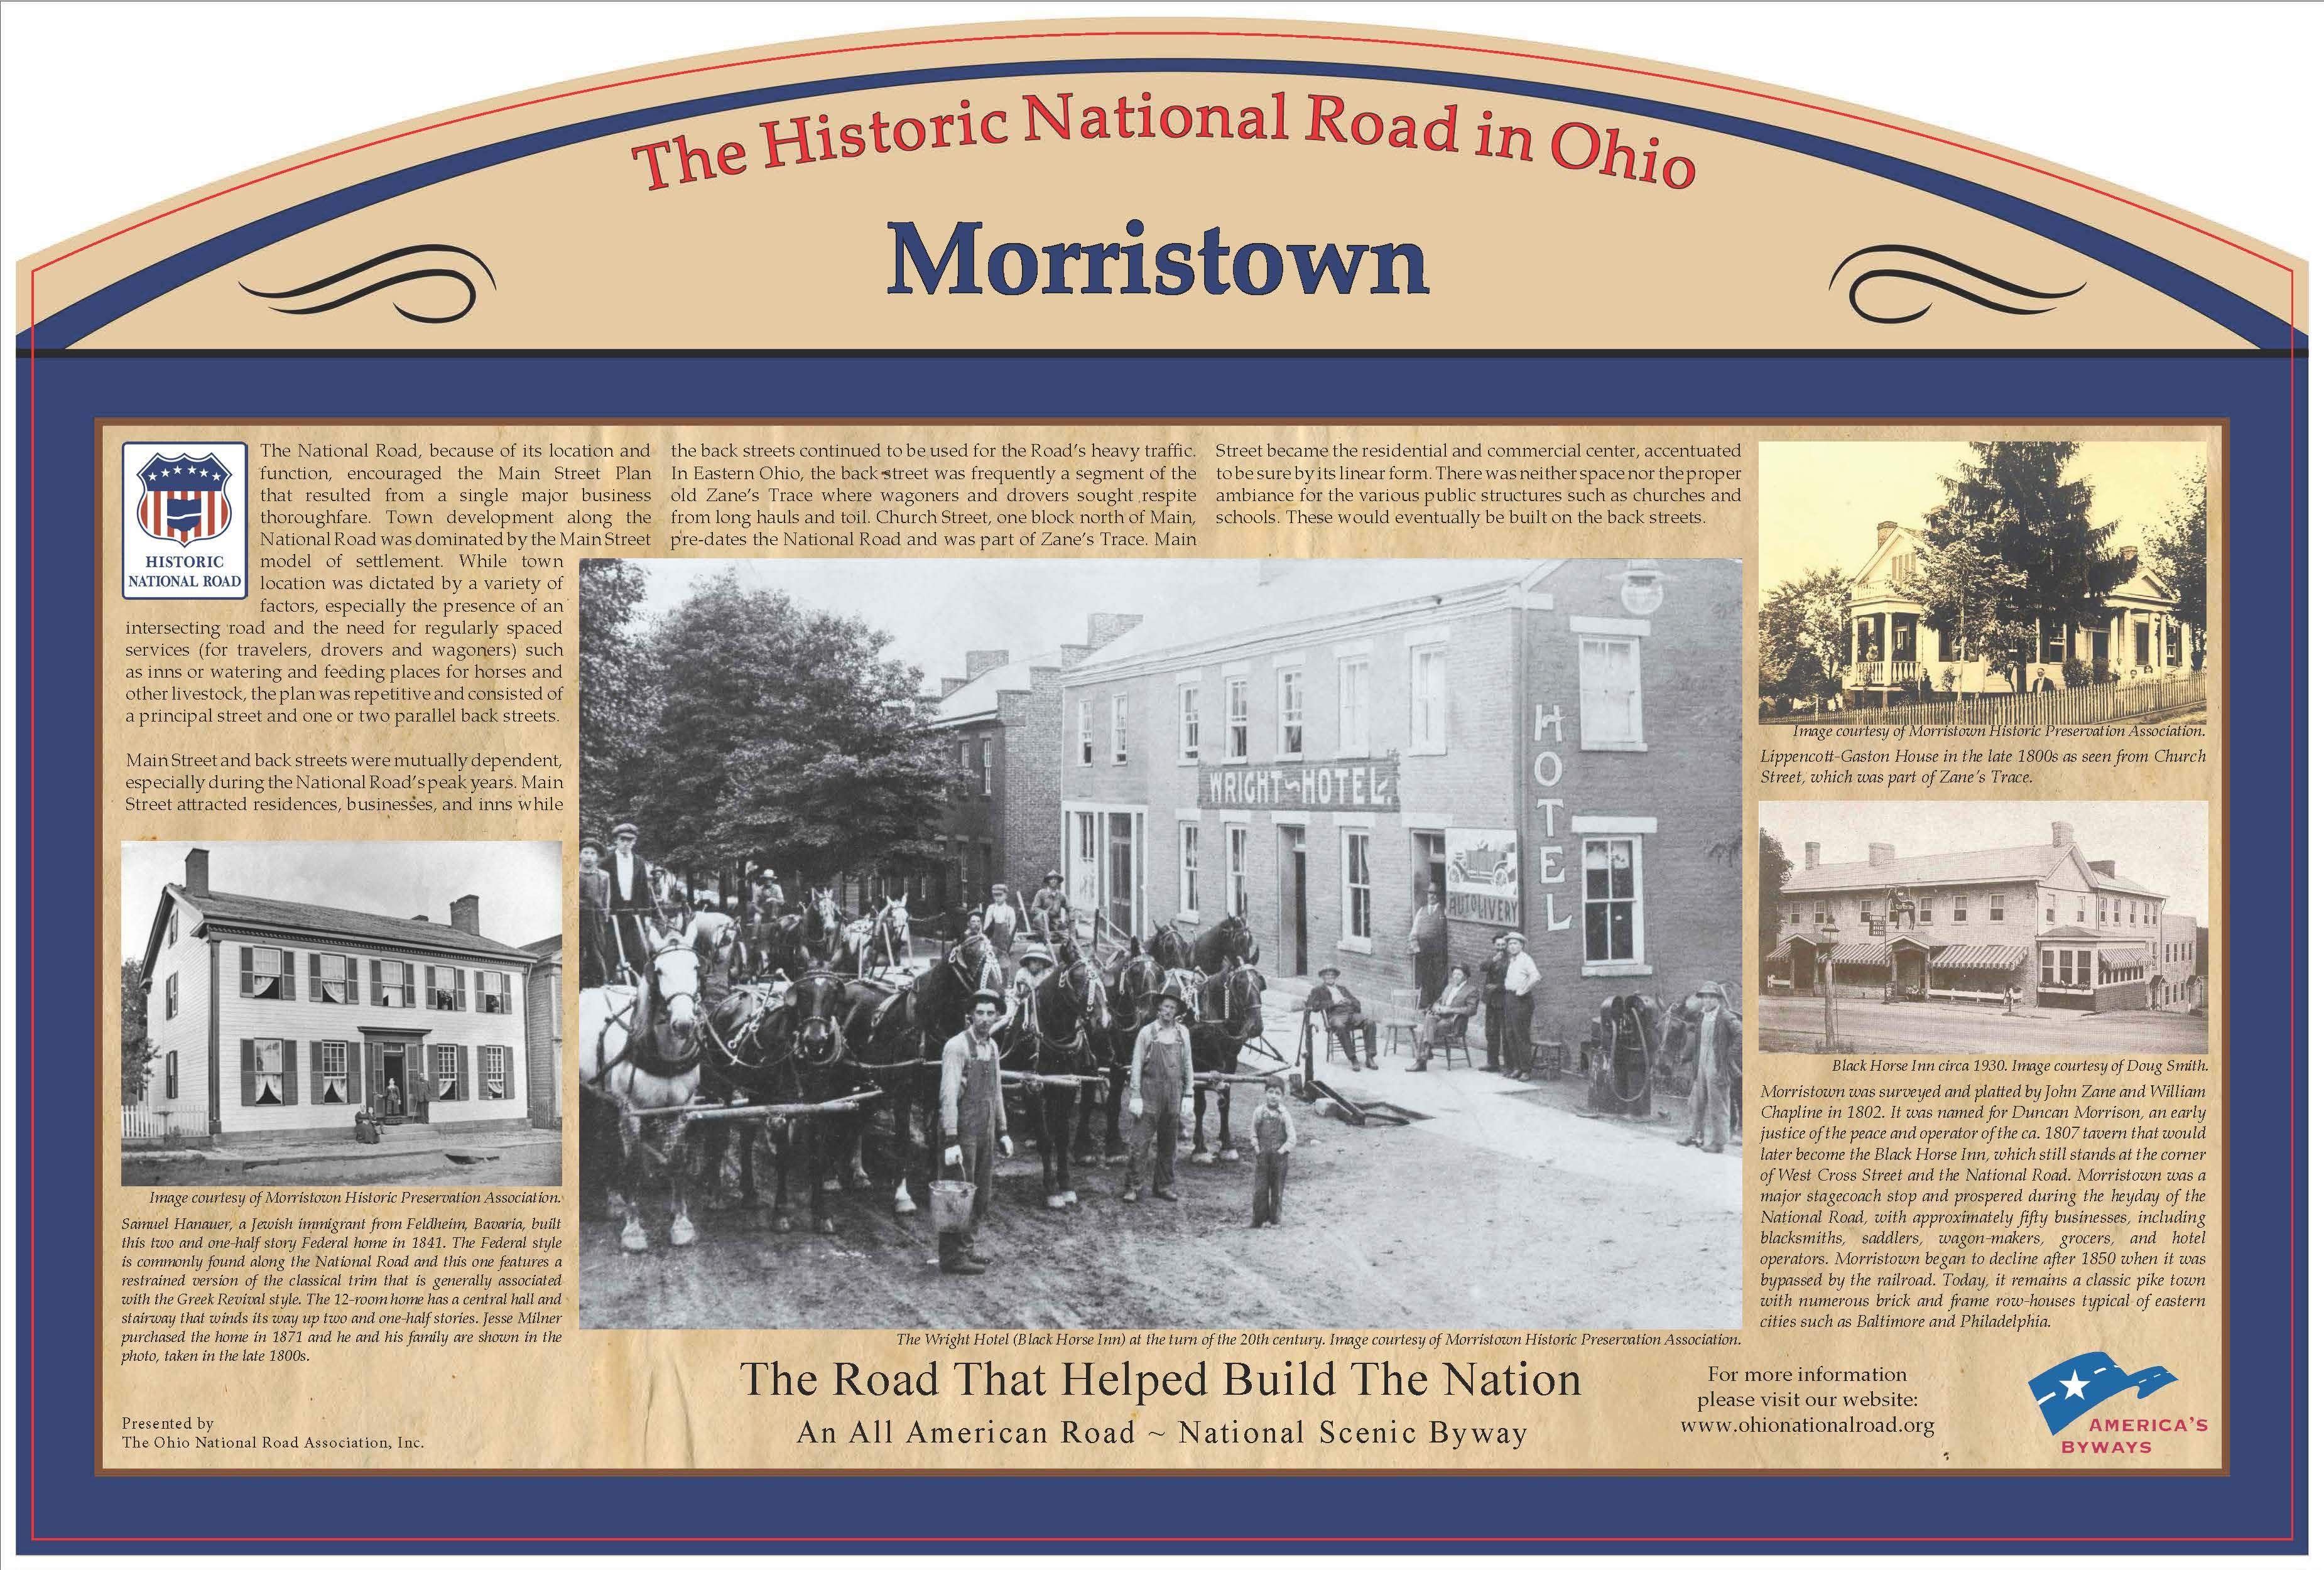 FINAL Morristown